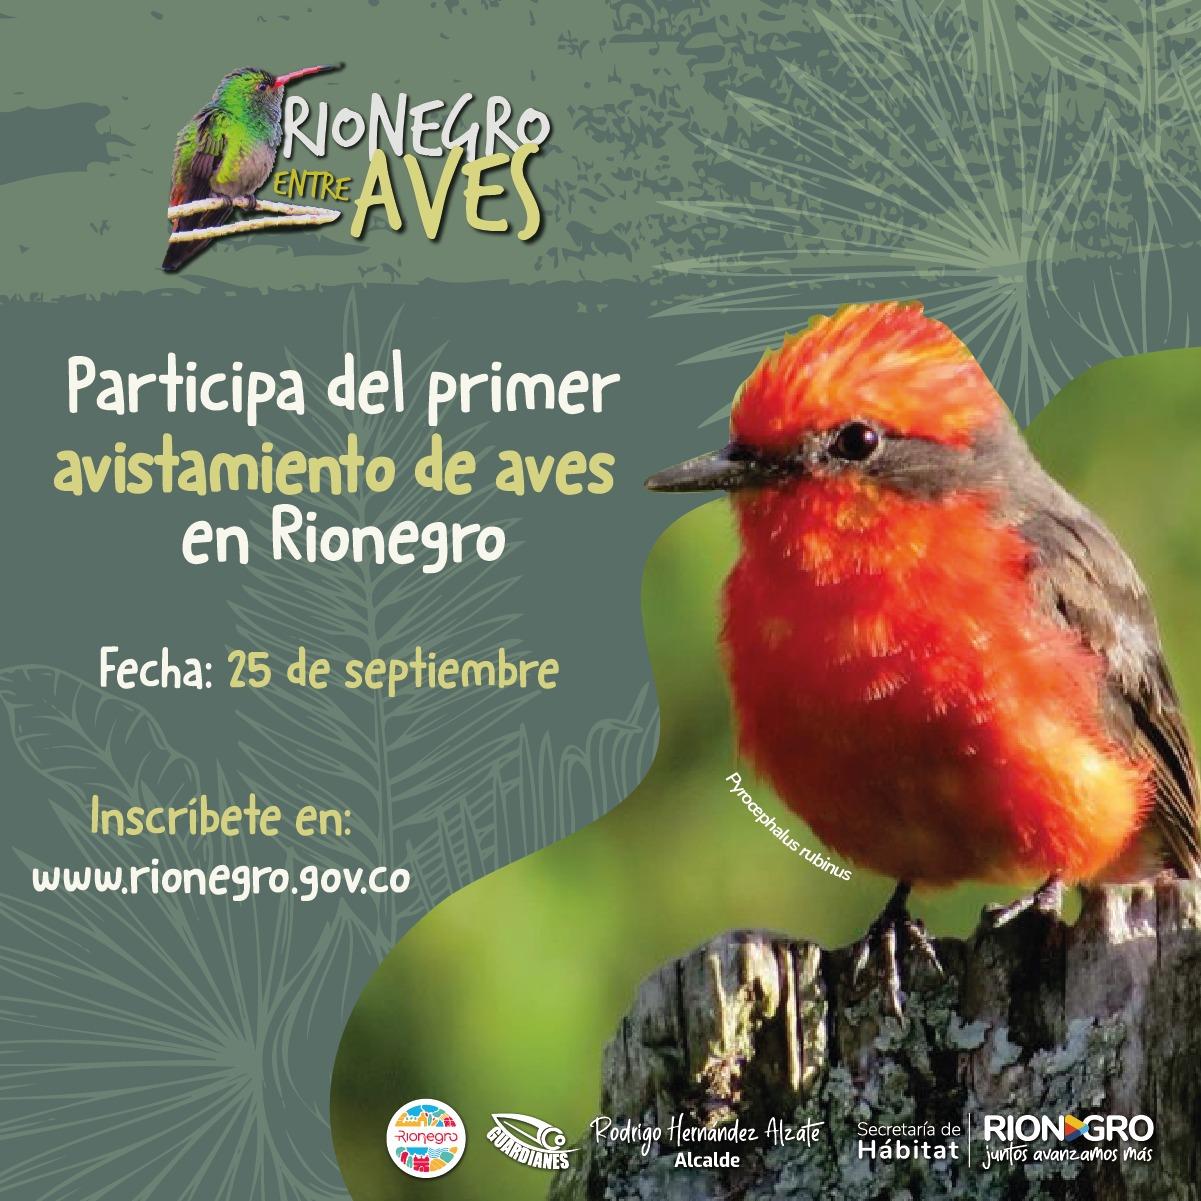 Se abre inscripción para el Primer Avistamiento de Aves en Rionegro